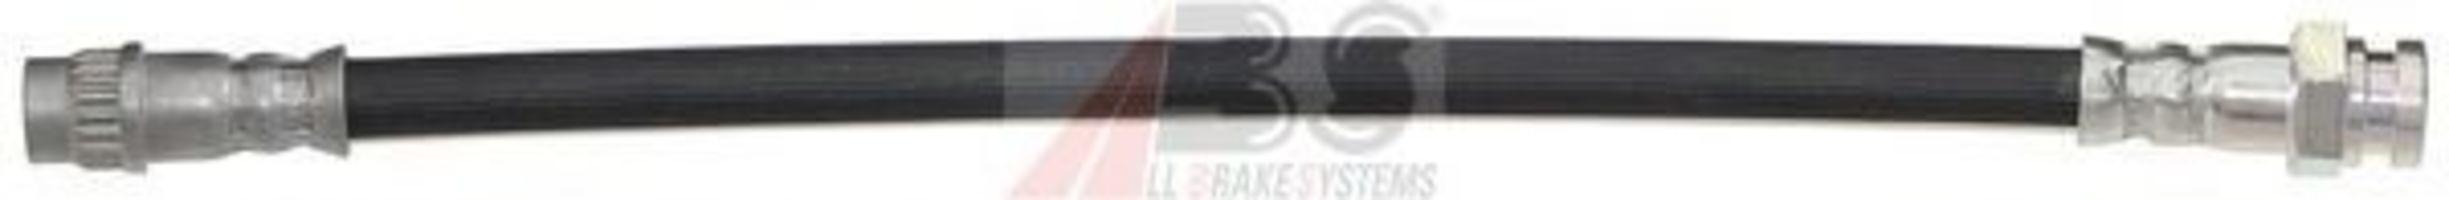 Шланг тормозной A.B.S. SL 5741